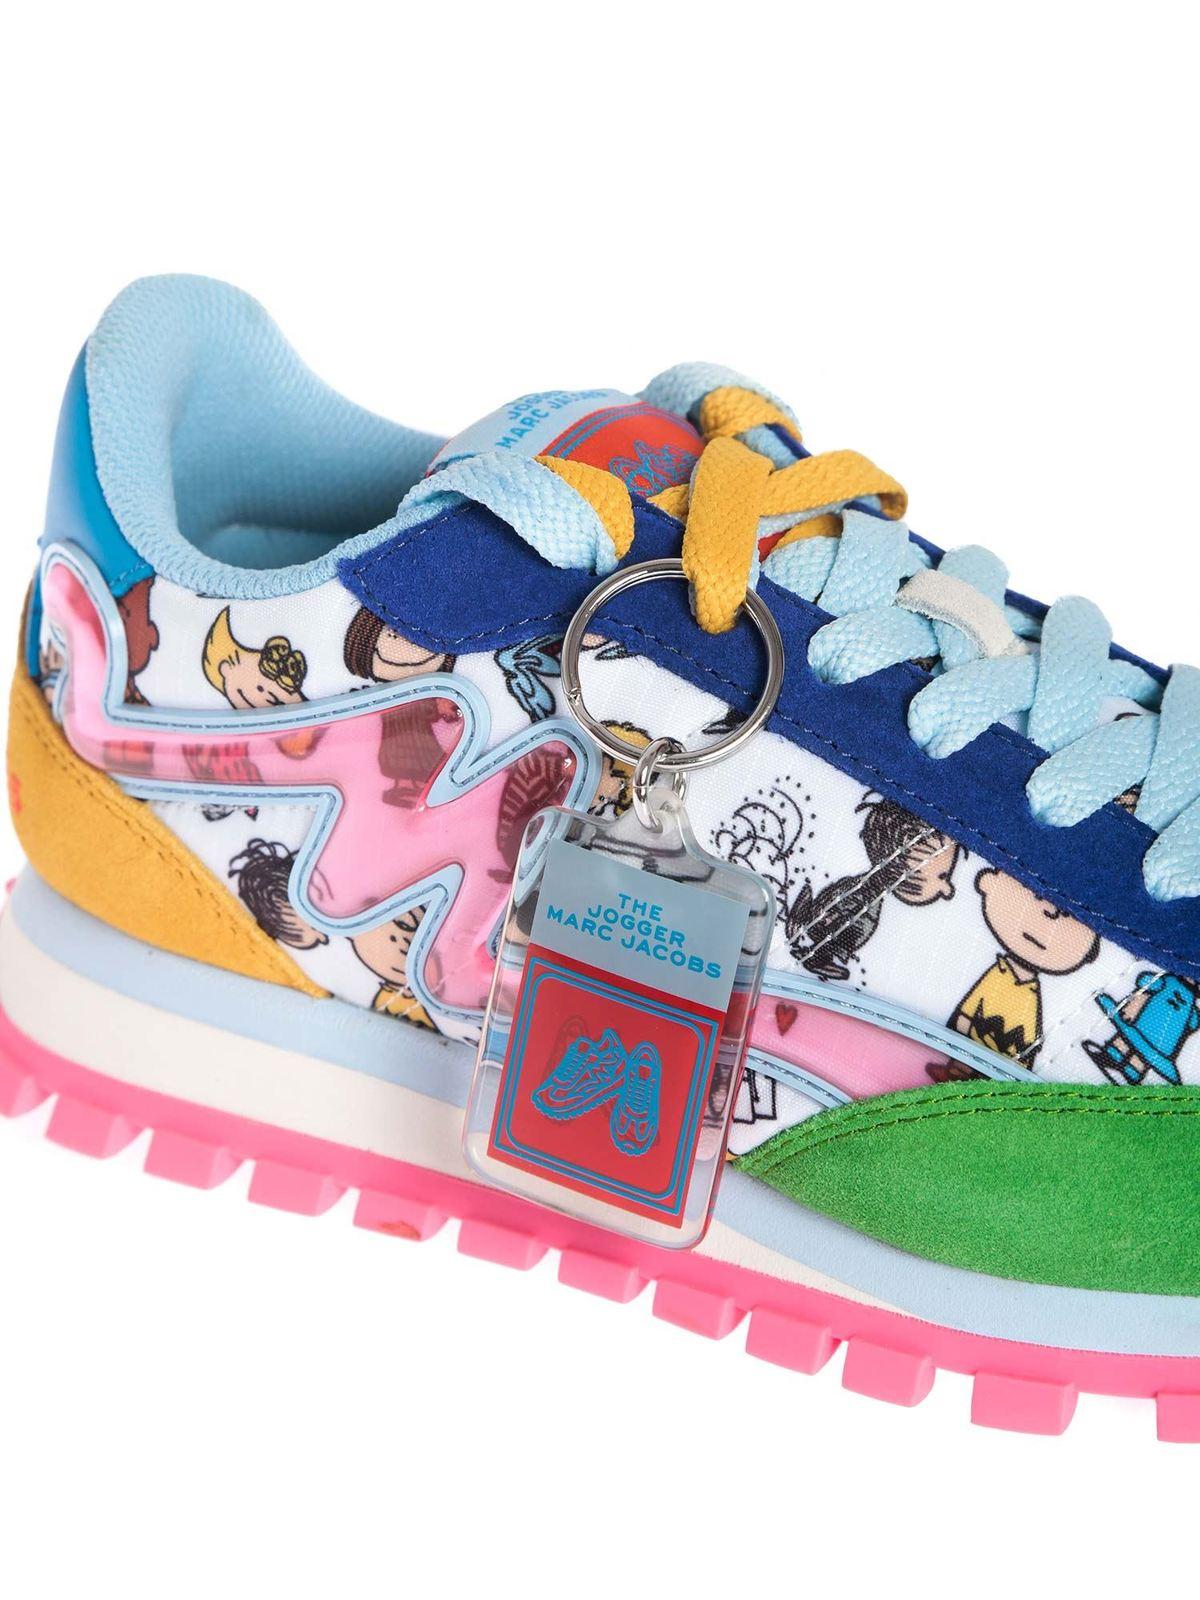 Marc jacobs scarpe tacco trova una vasta selezione di scarpe da donna marc jacobs a prezzi vantaggiosi su ebay. Trainers Marc Jacobs The Comics Jogger Sneakers M9002317101